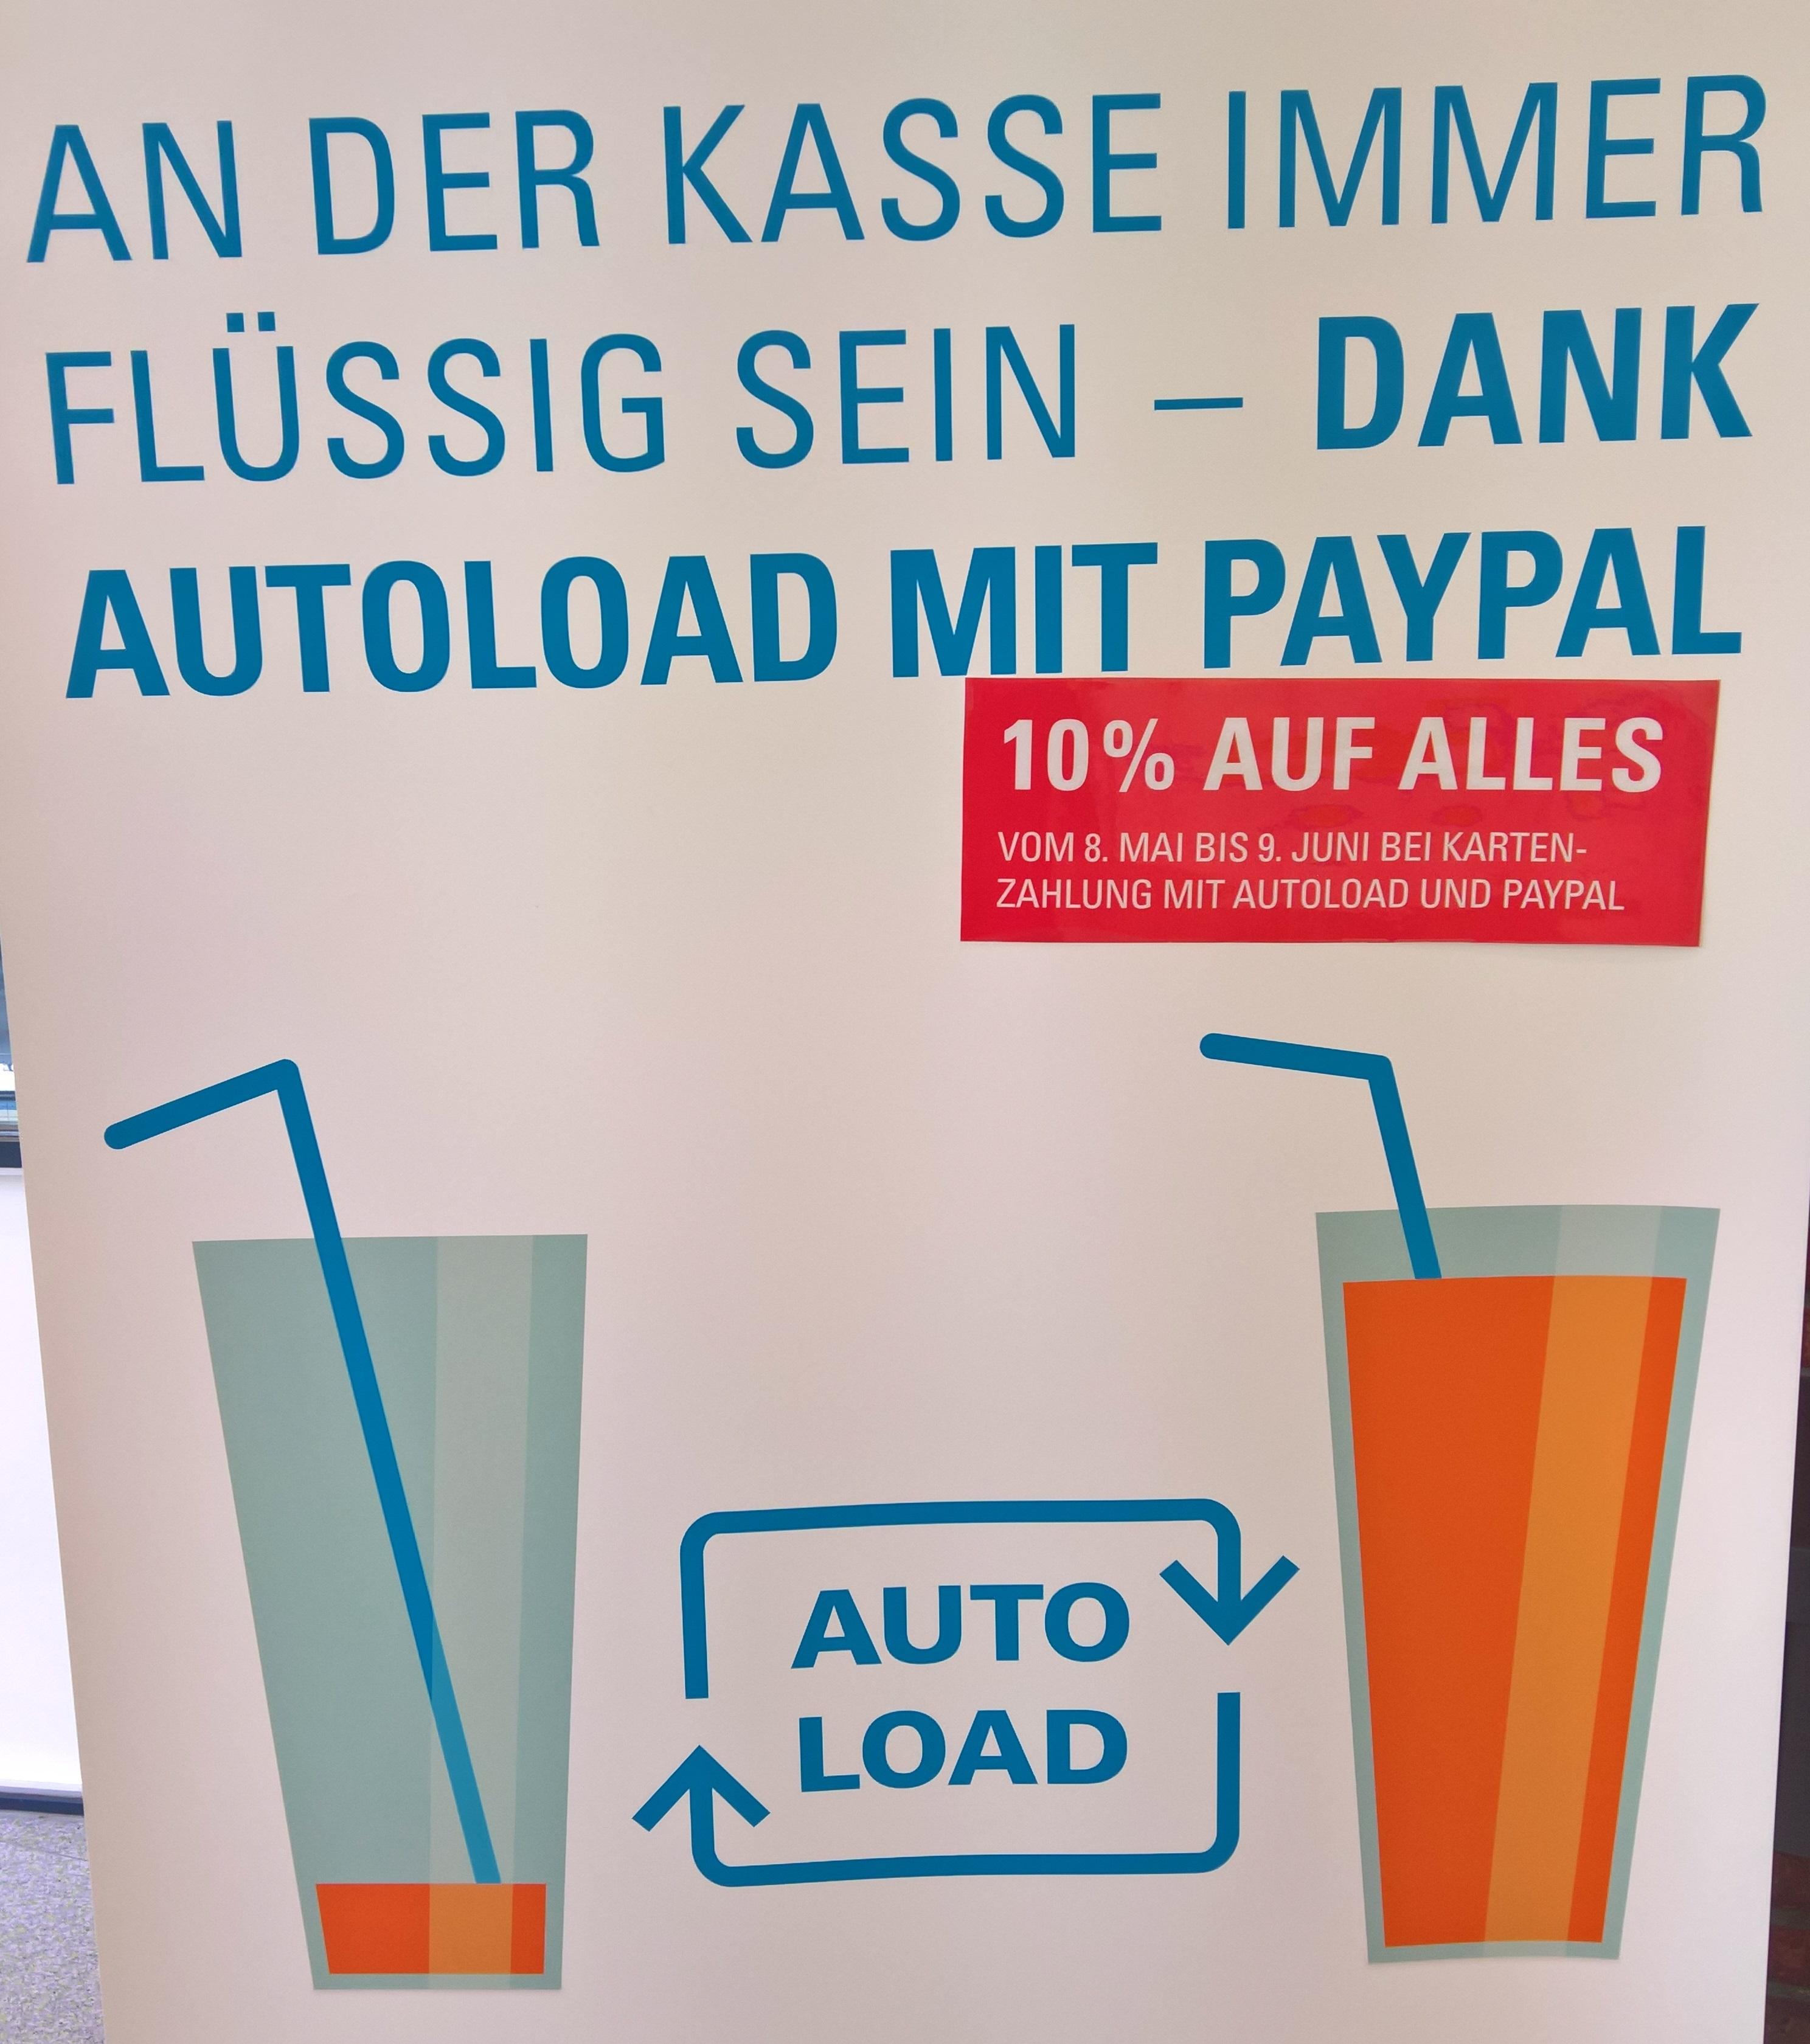 [Mensen Stuttgart & Ludwigsburg] 10% auf ALLES bei bargeldloser Bezahlung & Autoload